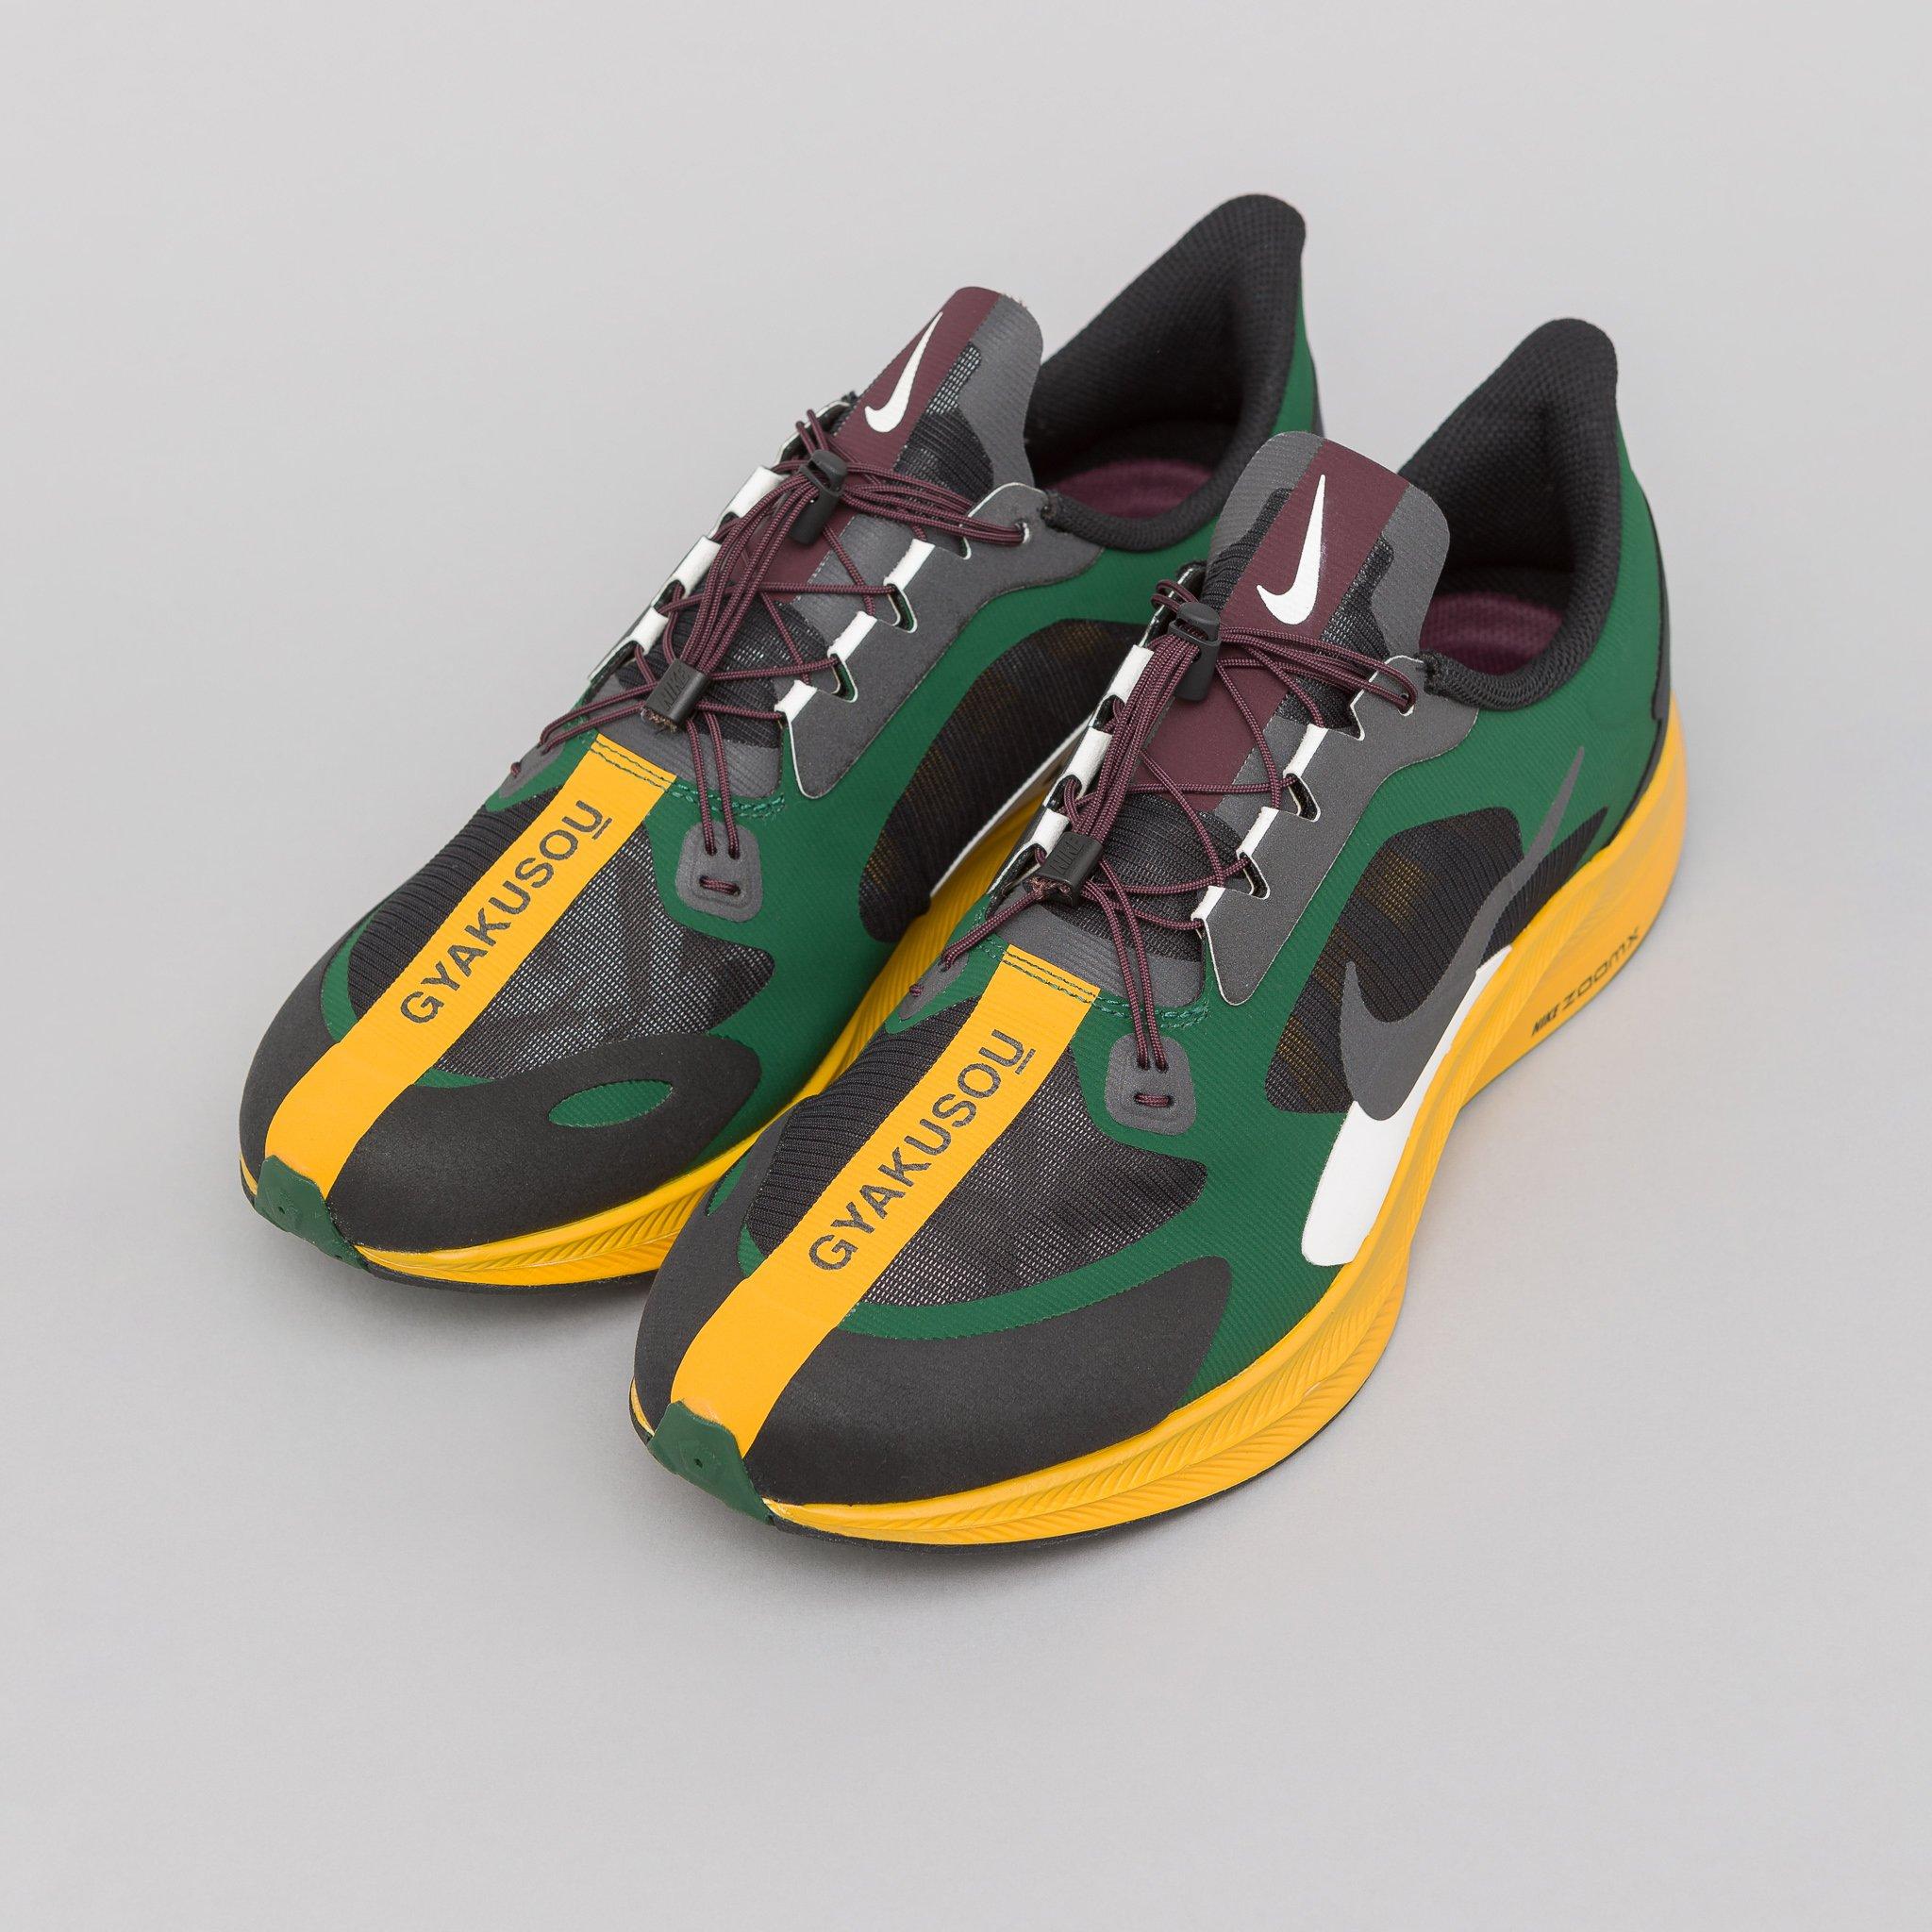 Nike Zoom Pegasus 35 Turbo Gyakuso (end 11/30/2021 12:00 AM)